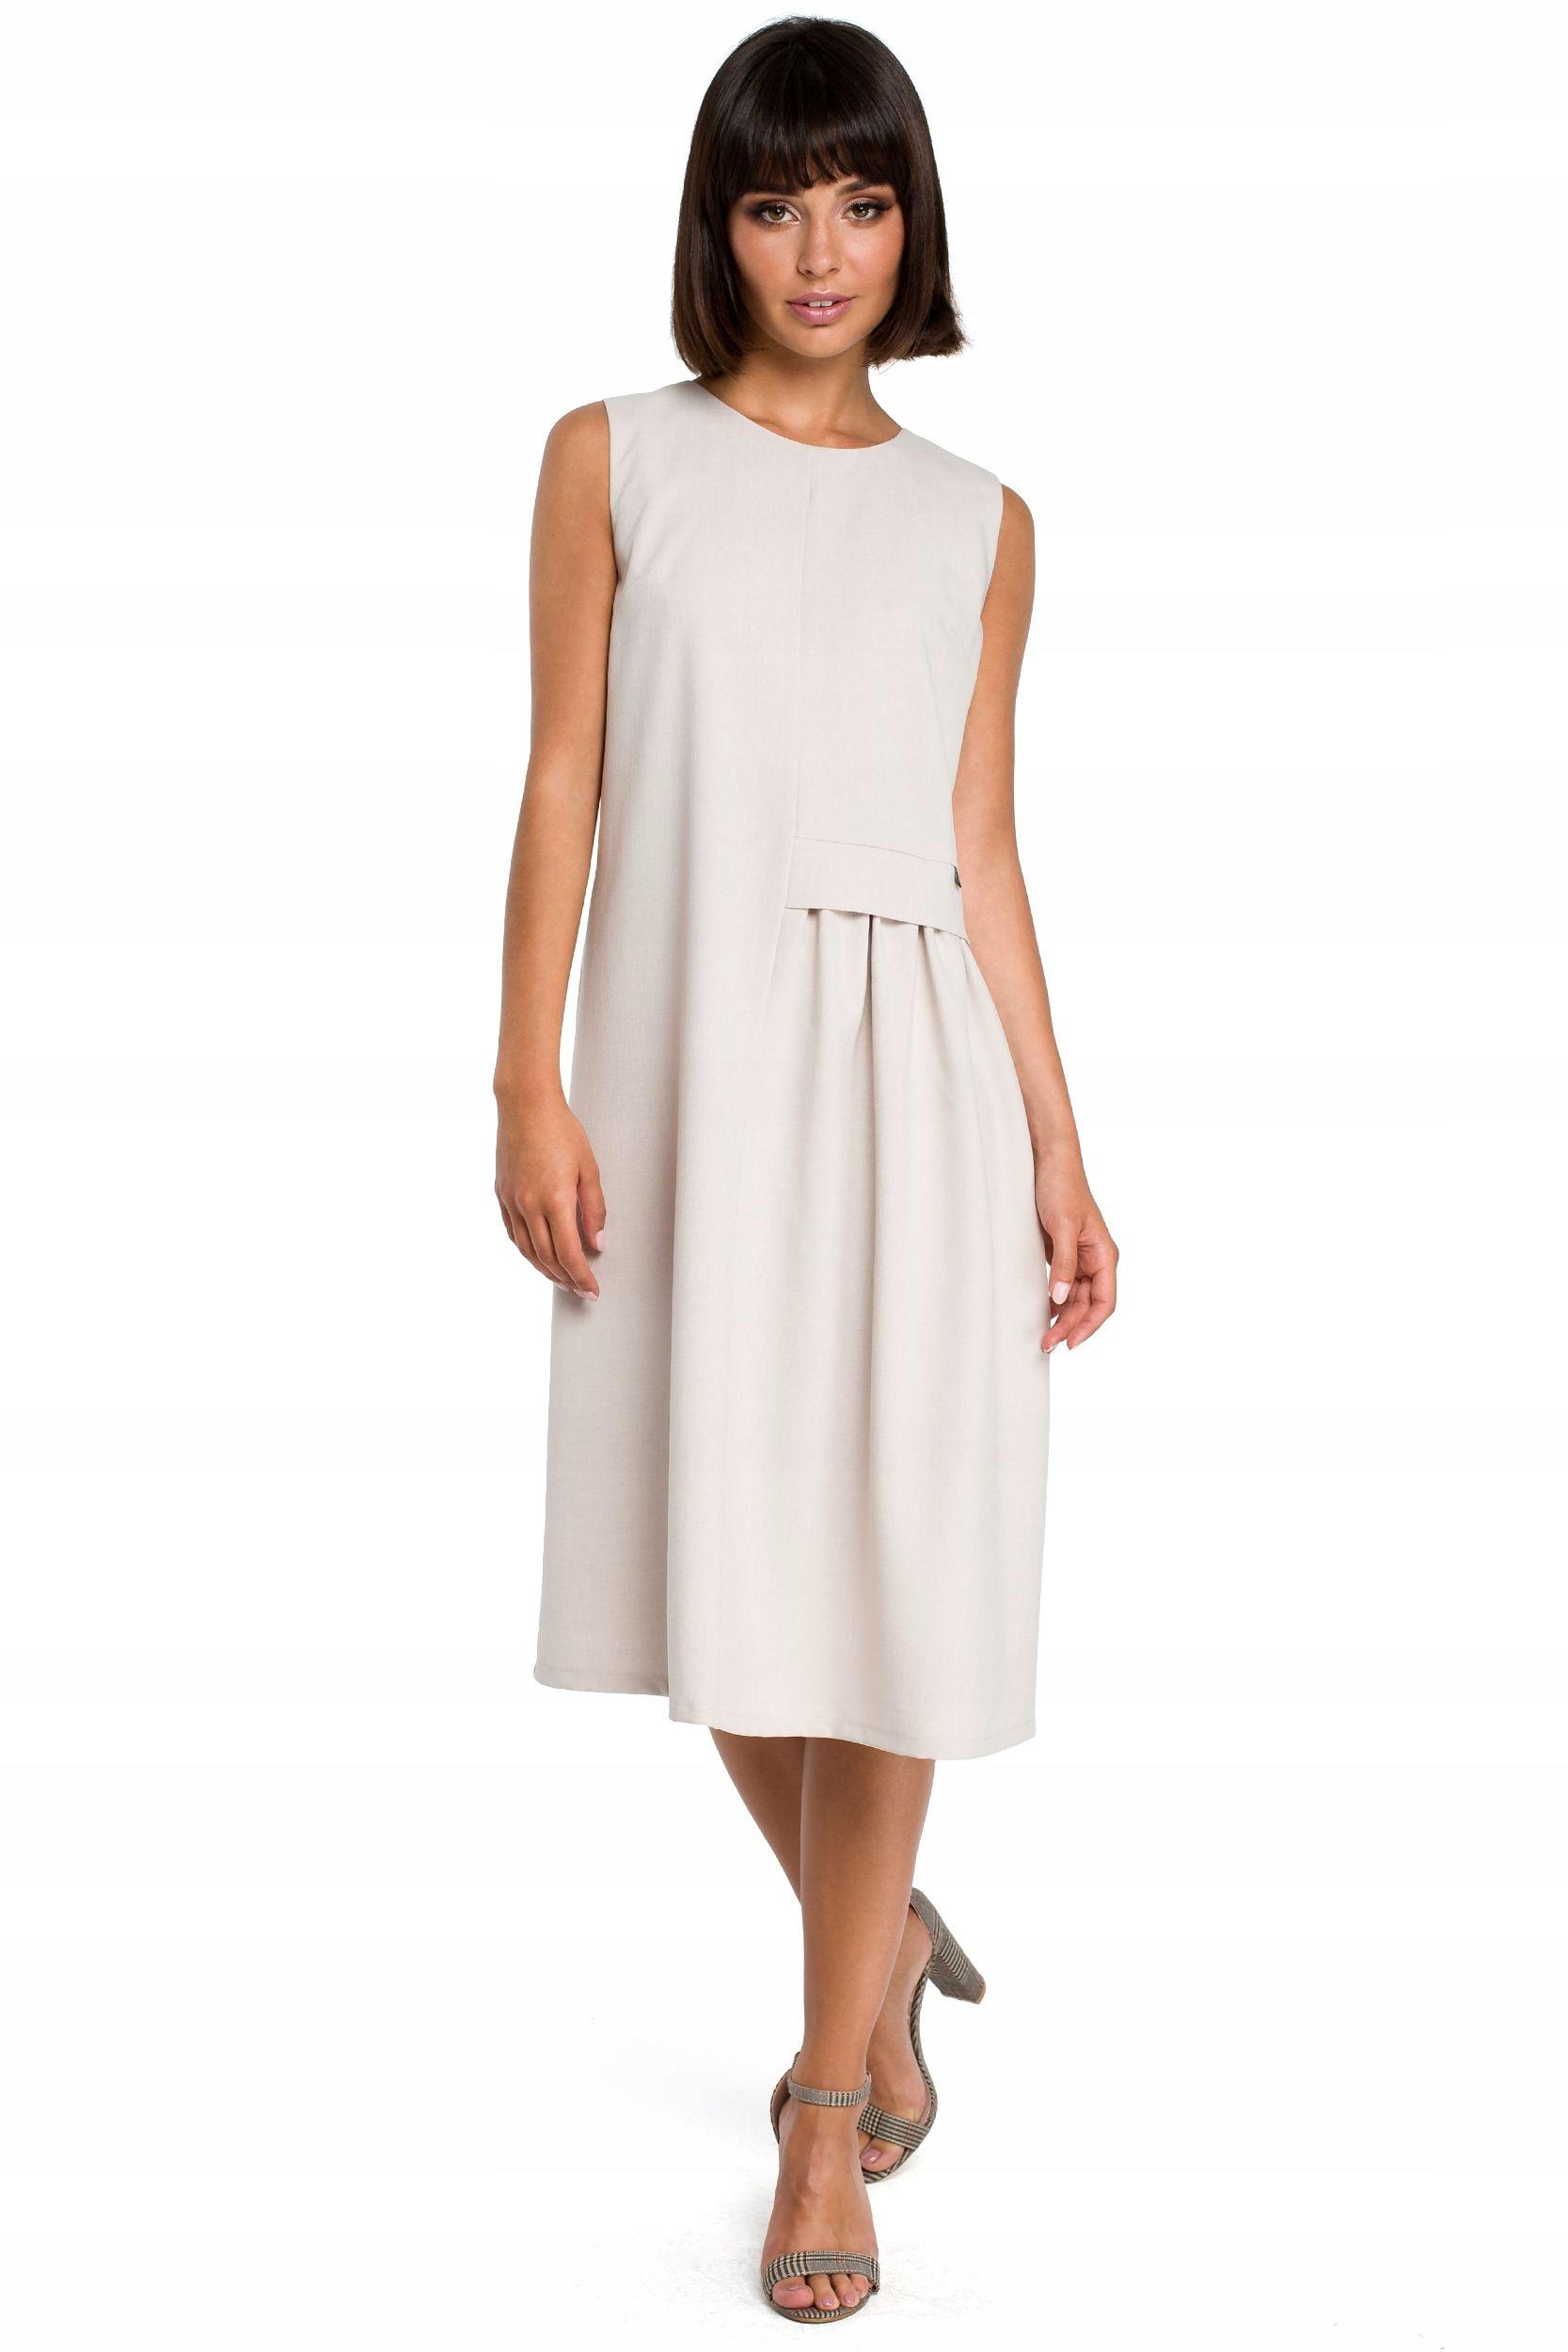 B080 Zwiewna sukienka midi bez rękawów - beżowa 36